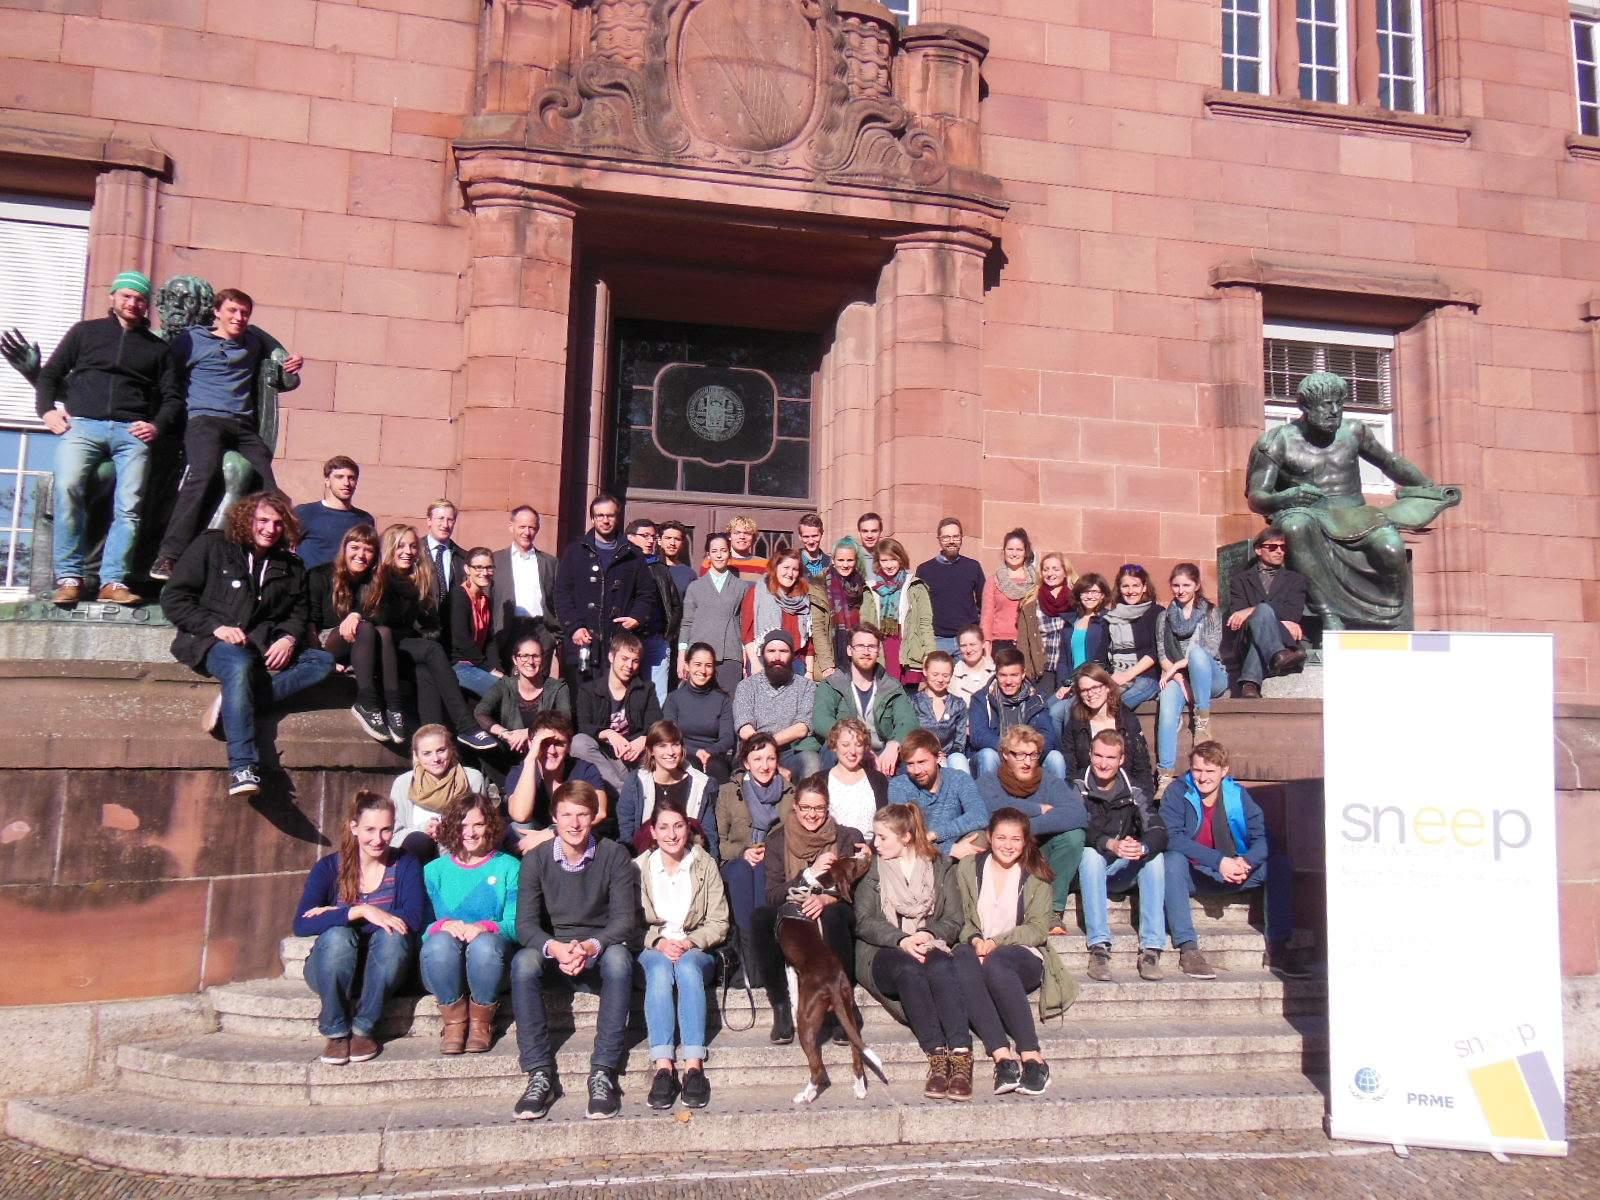 Die Teilnehmenden der sneep Herbsttagung 2015 vor der Universität in Freiburg.